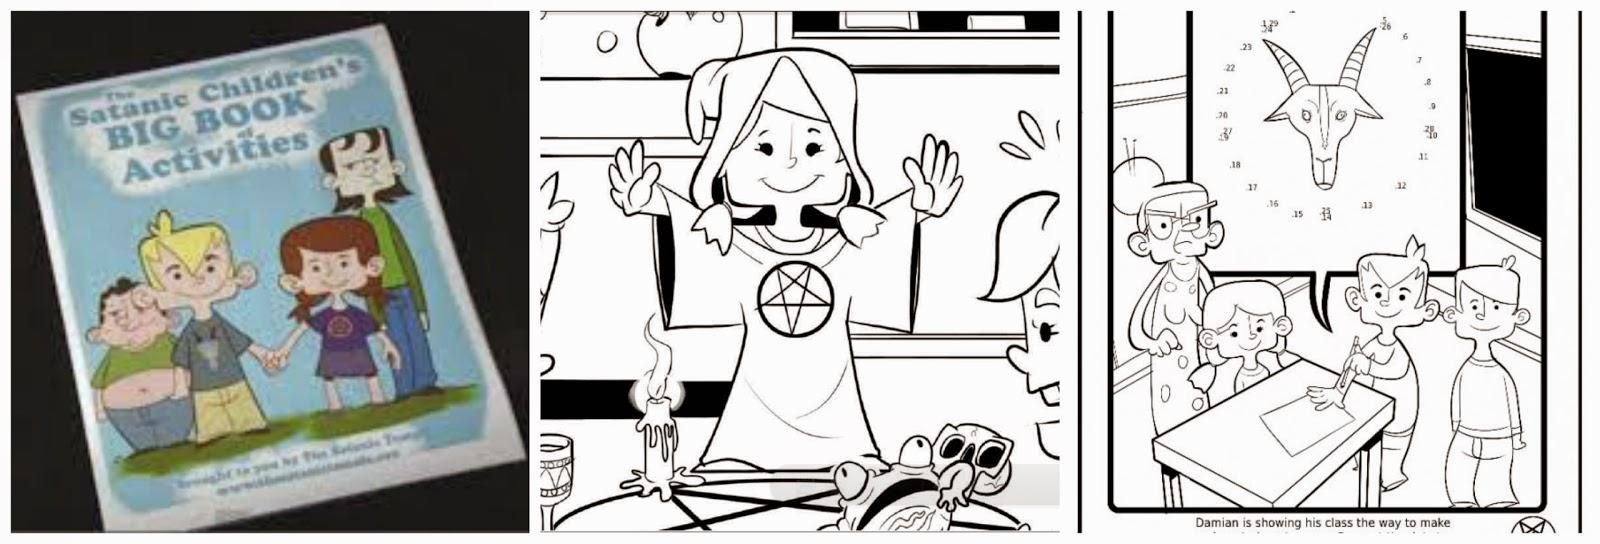 Catolicidad: ¡INSÓLITO! PROPAGAN EL ESTUDIO DEL SATANISMO PARA NIÑOS ...